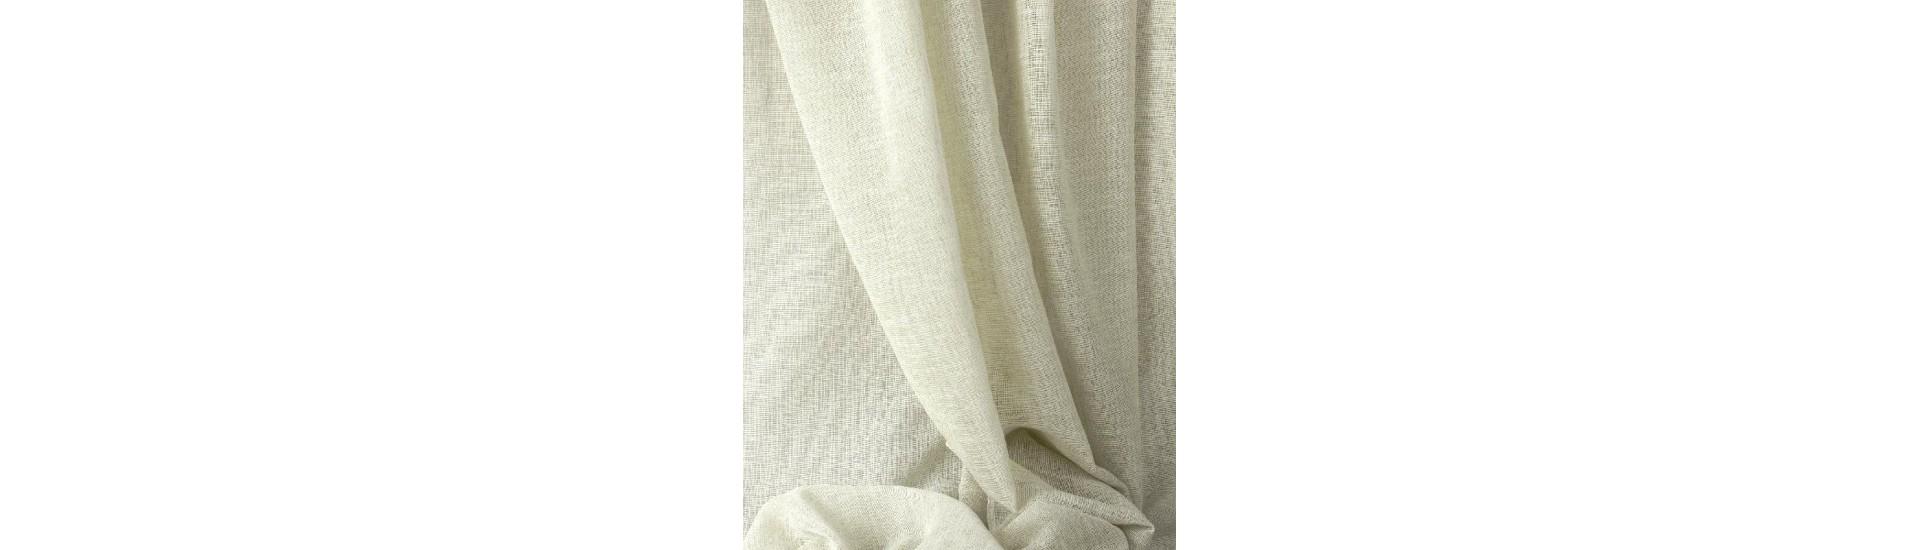 Ткань для штор имитация льна SLM-101-13 молочный высота 280 см (25 м±)